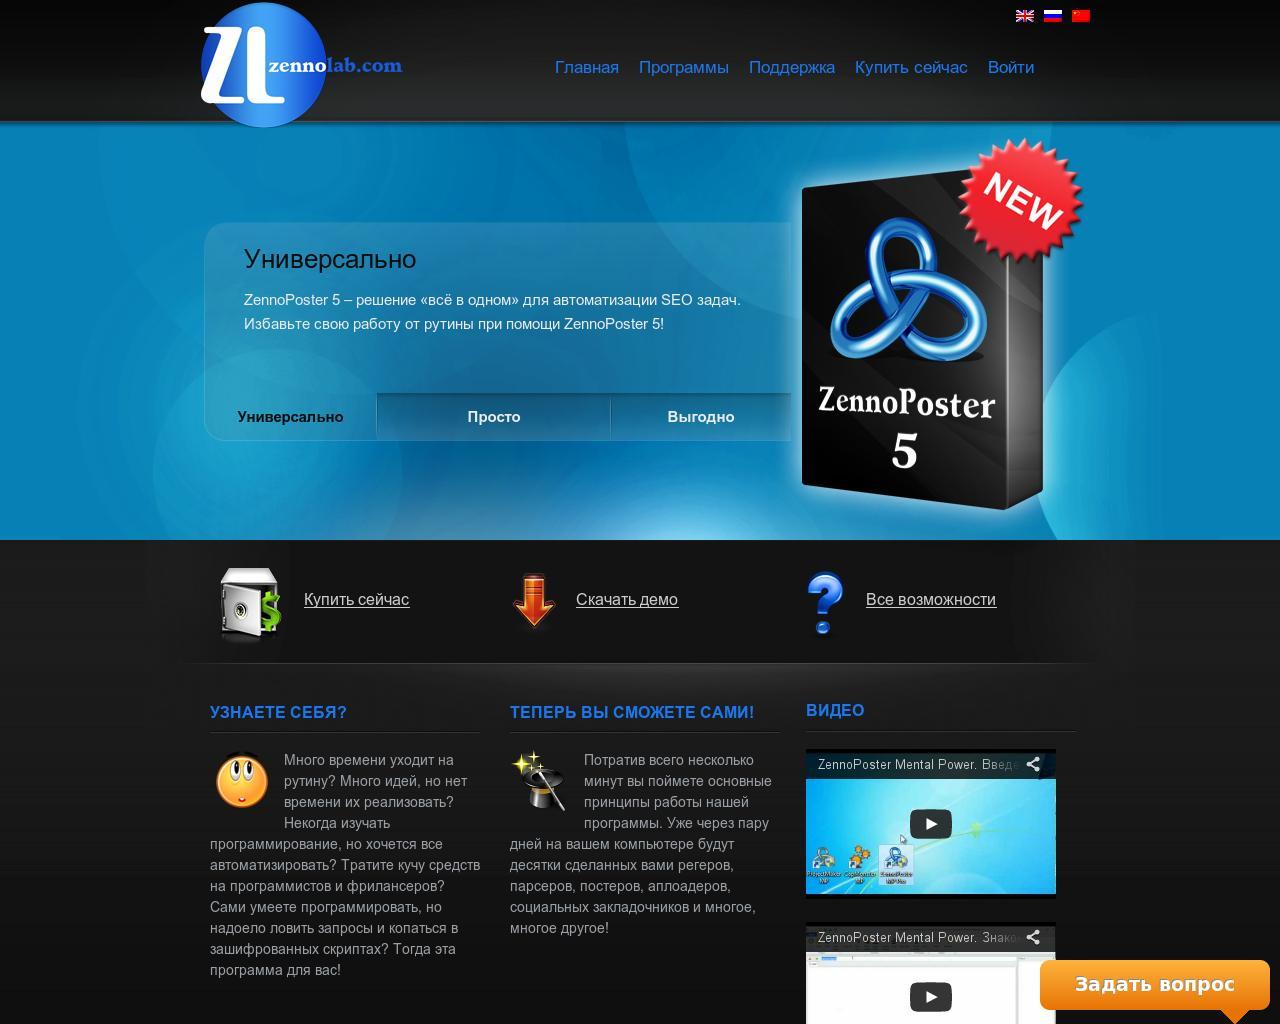 ZennoPoster 5 - Автоматизируйте любые задачи в интернете - Сервисы и программы | MMGP